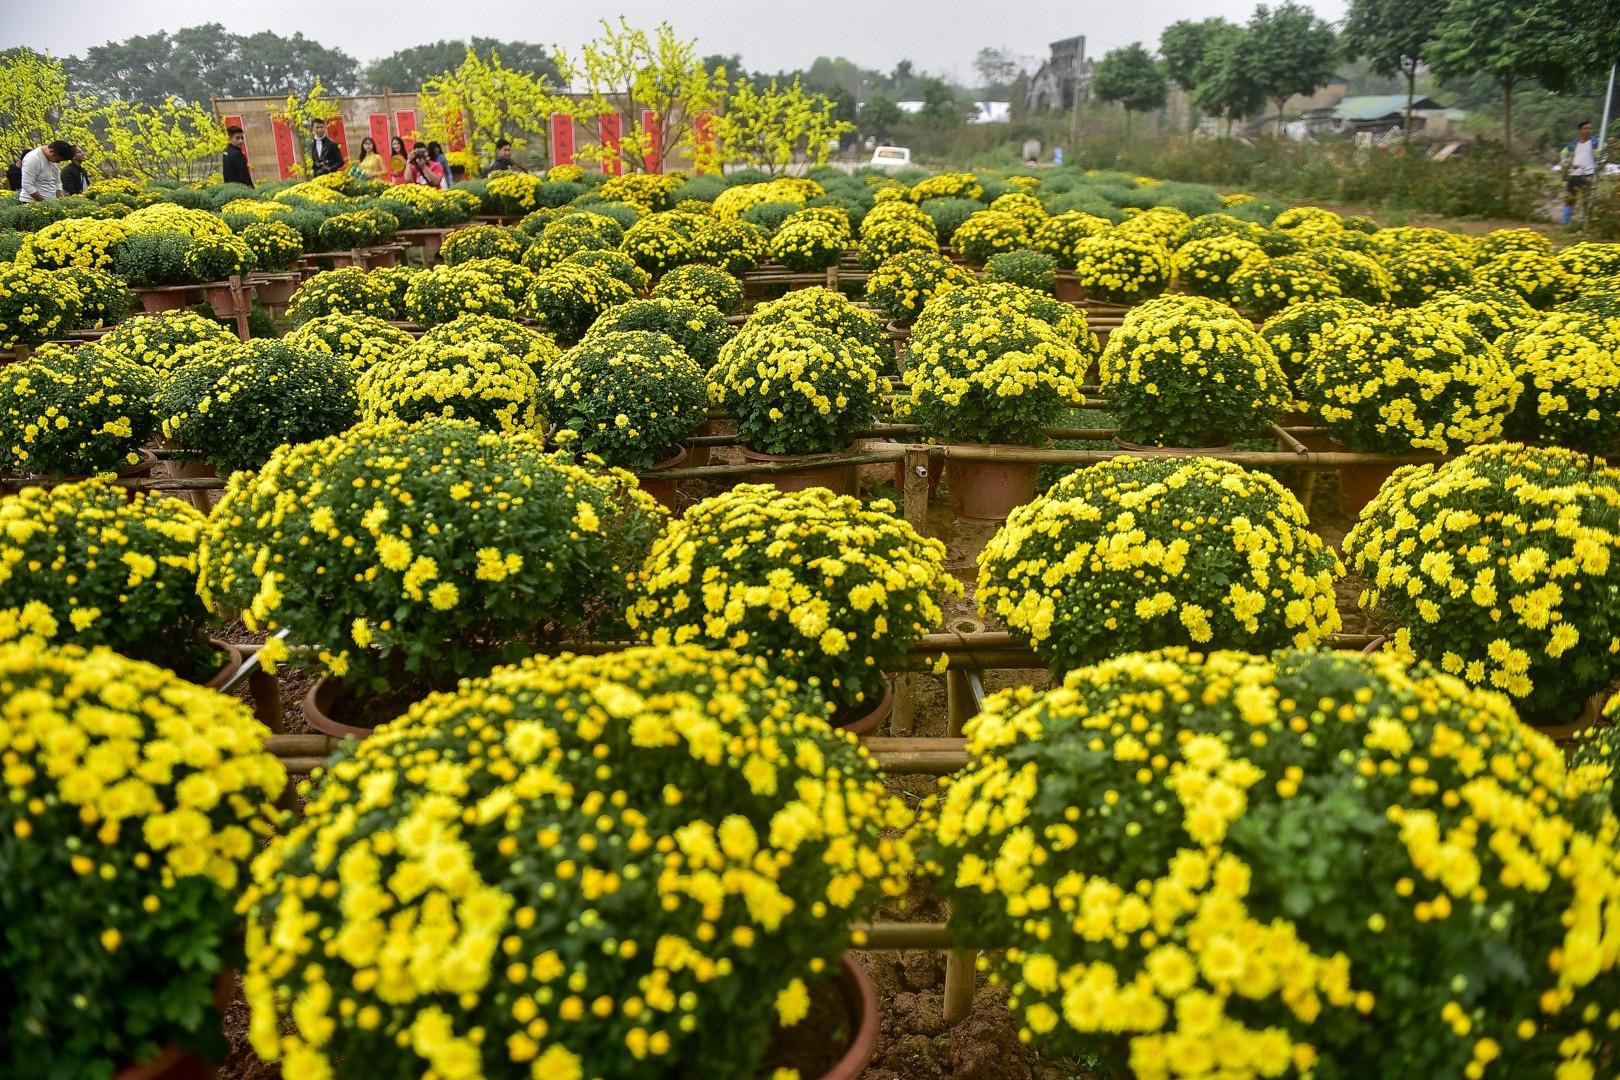 Phát sốt với vườn hoa cúc mâm xôi tuyệt đẹp ngay giữa Thủ đô - Ảnh 10.